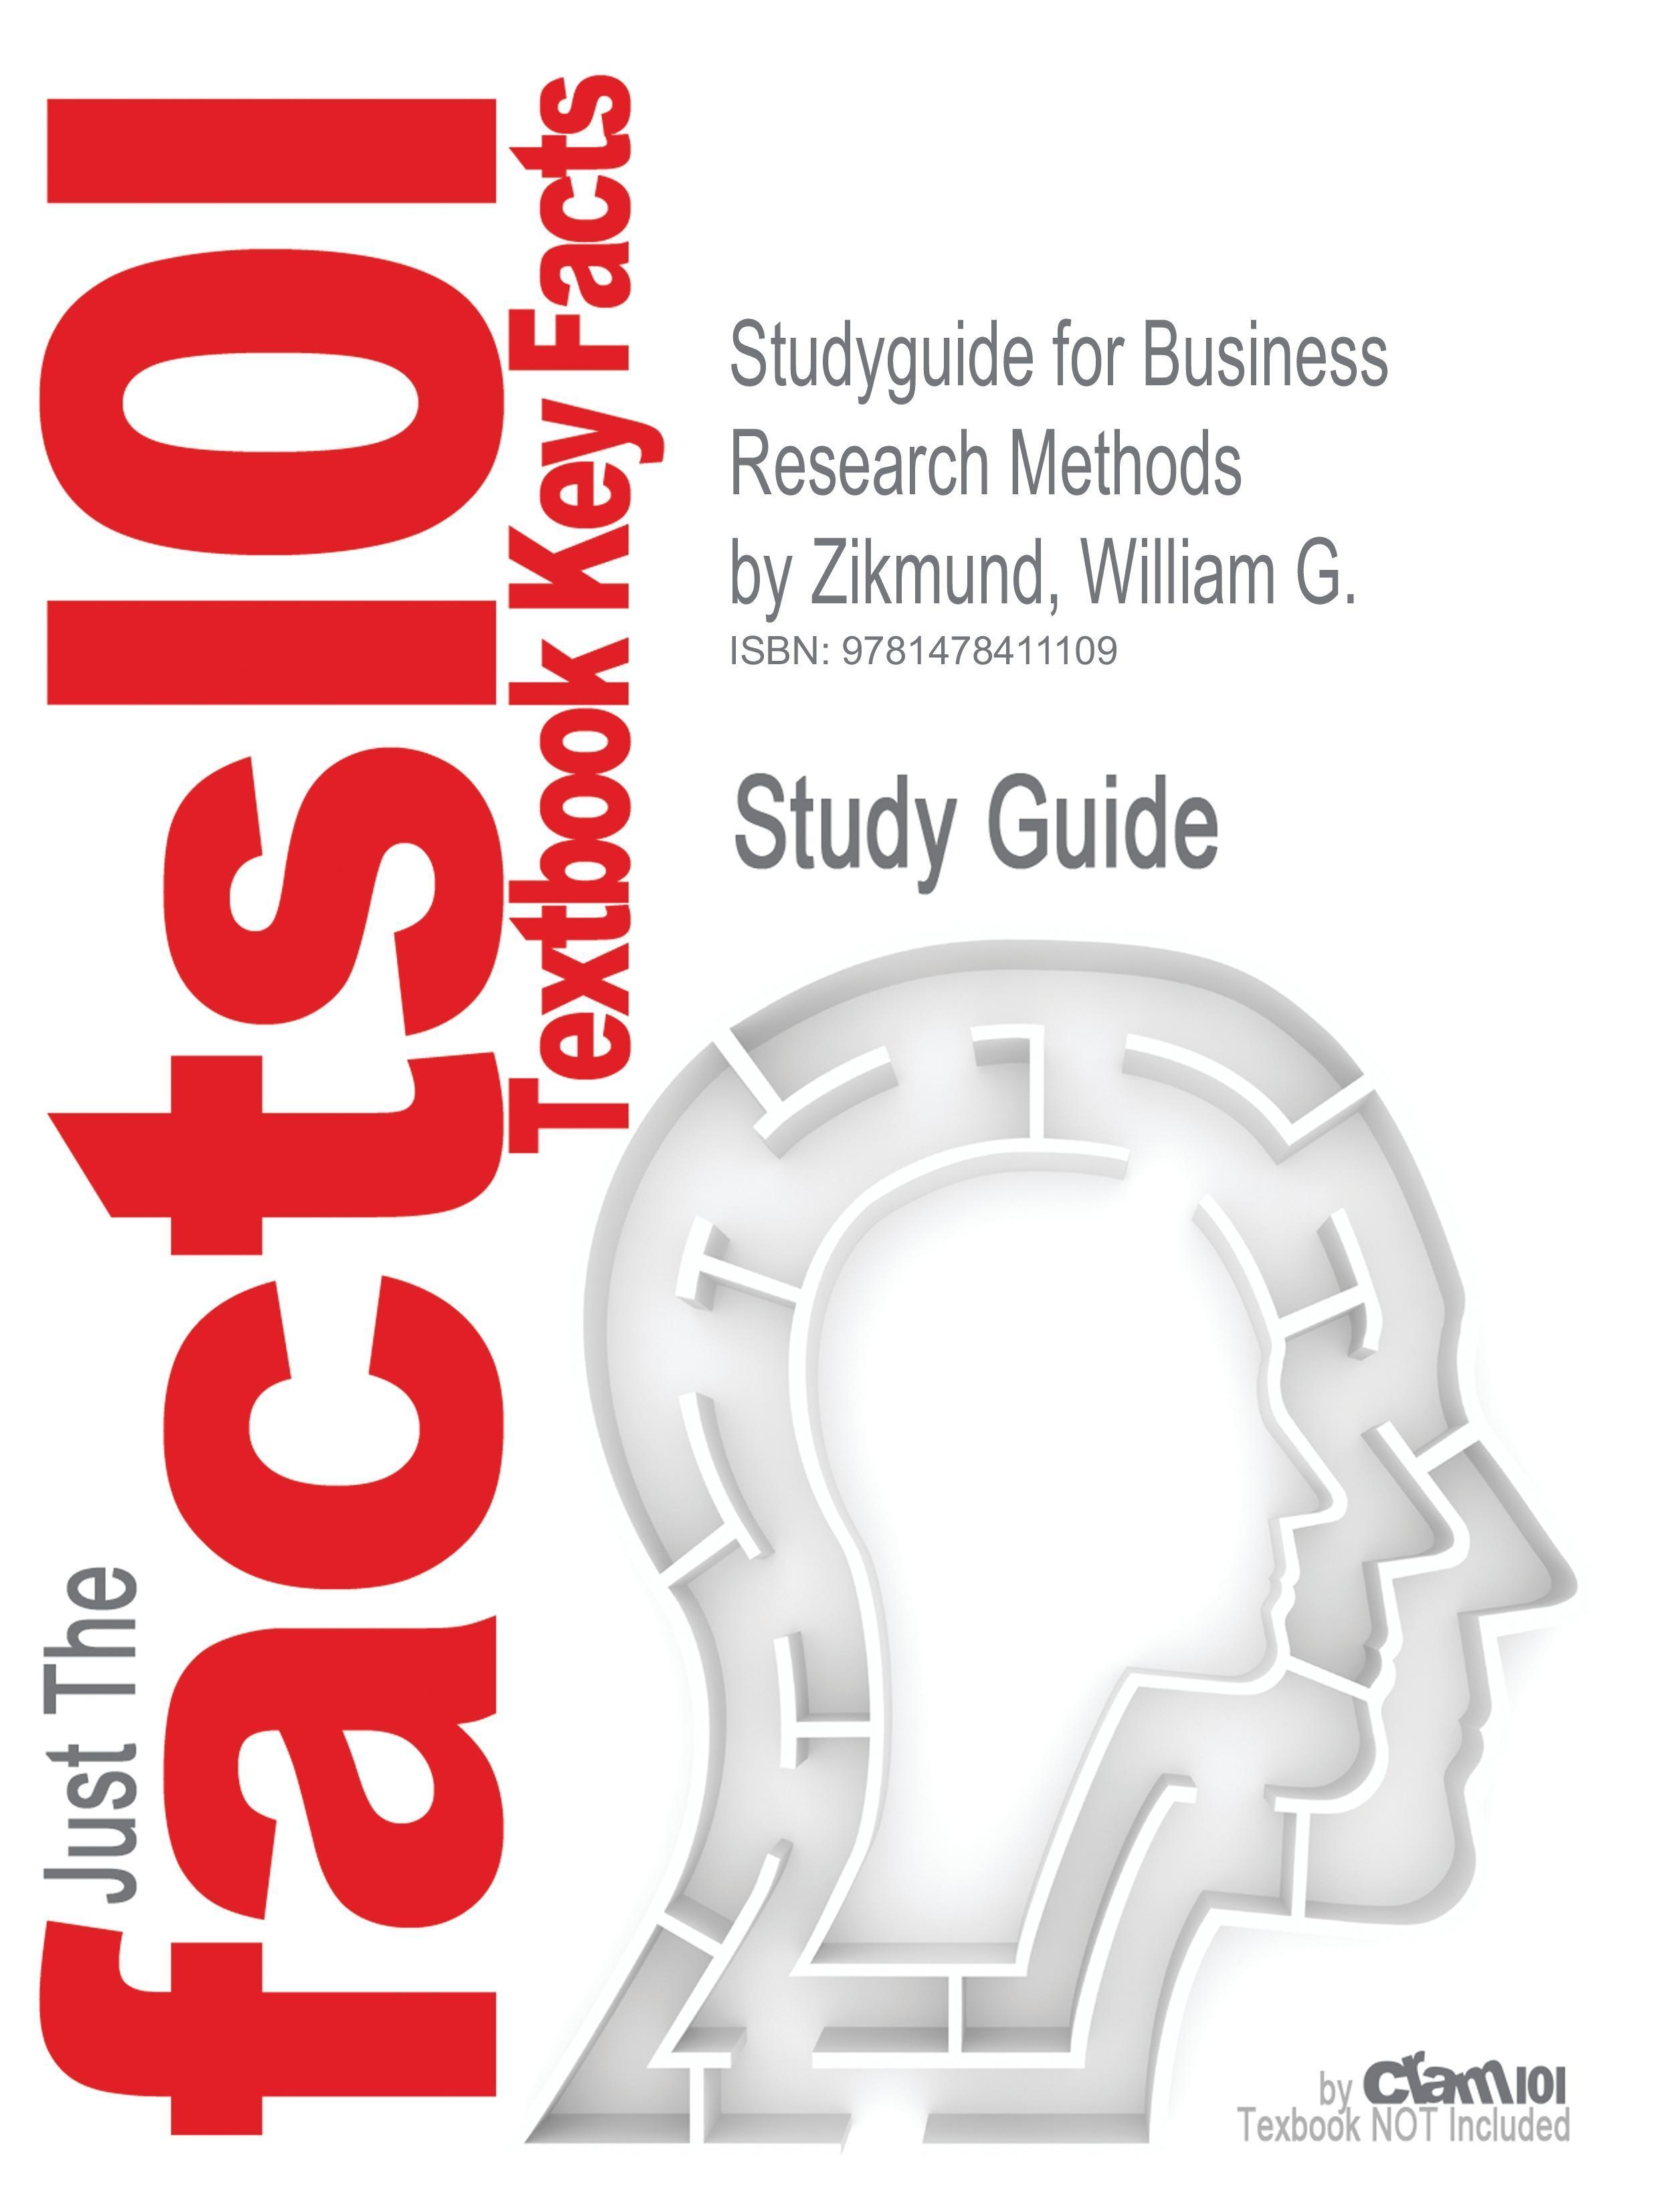 Studyguide for Business Research Methods by Zikmund, William G., - zum Schließen ins Bild klicken